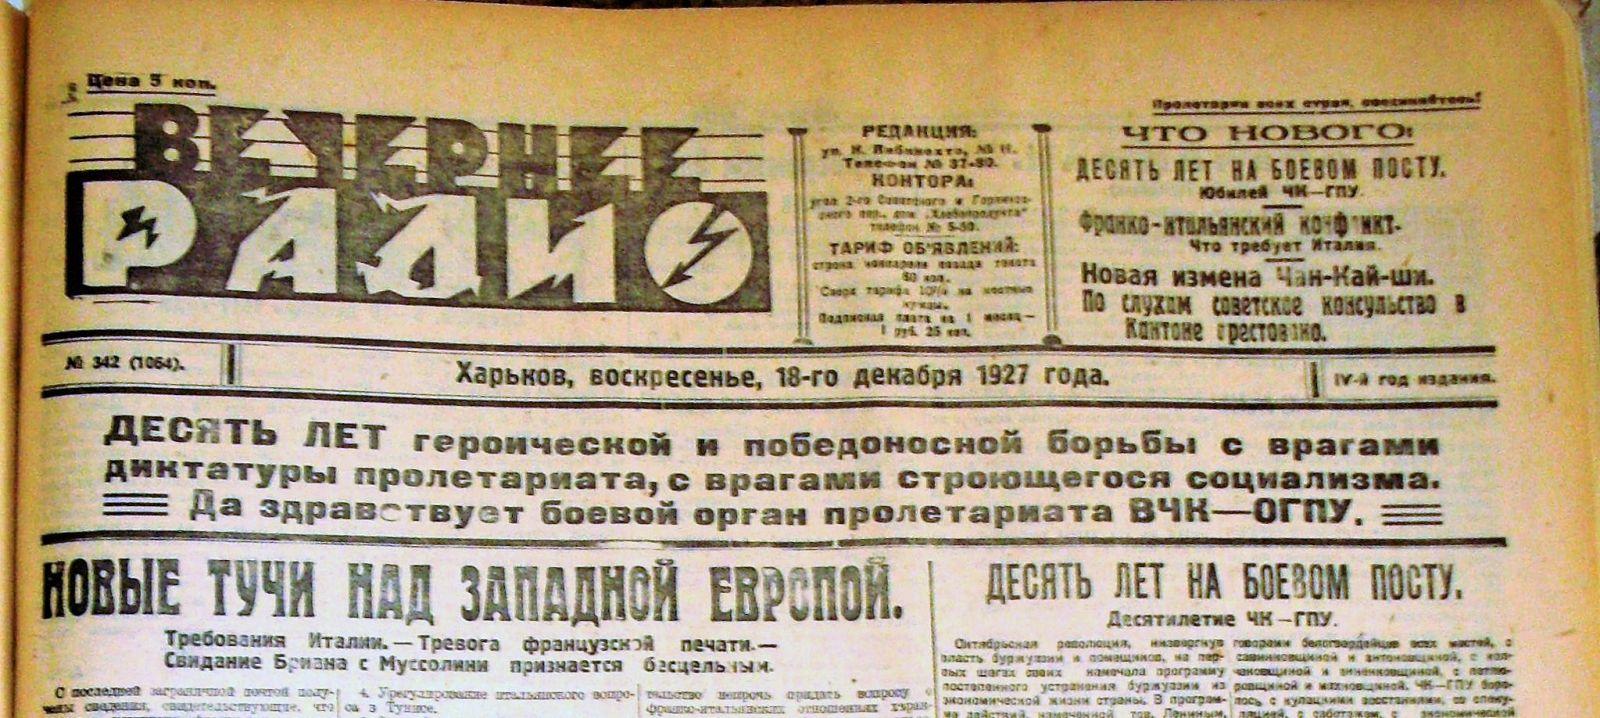 А от чекістське свято 1927-го. Зверніть увагу: дата інша